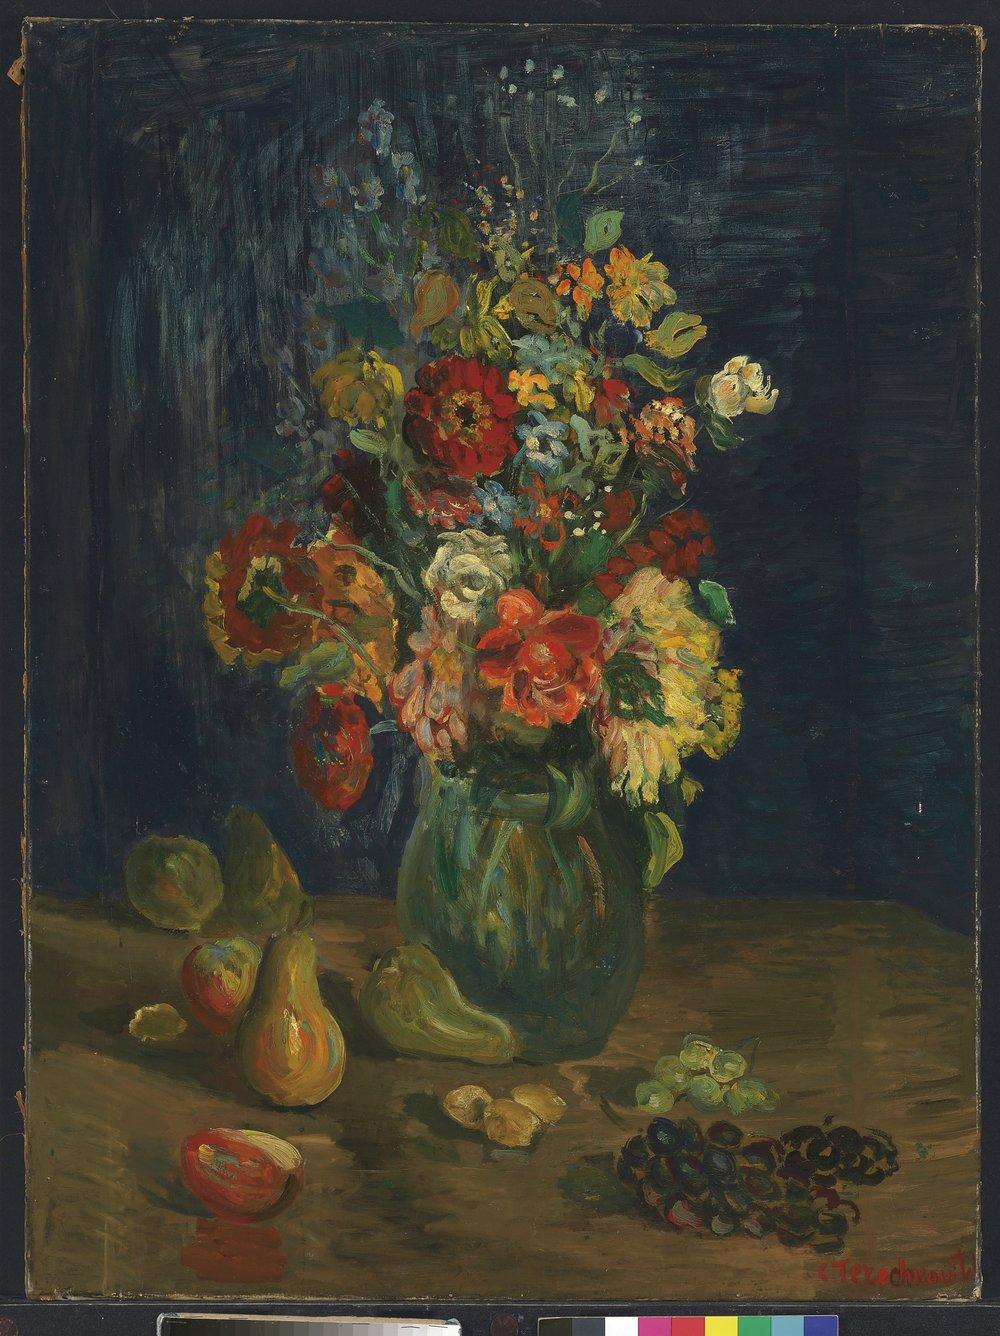 Vase de fleurs et fruits  Oil on canvas. Size: 81.2 x 65 cm.